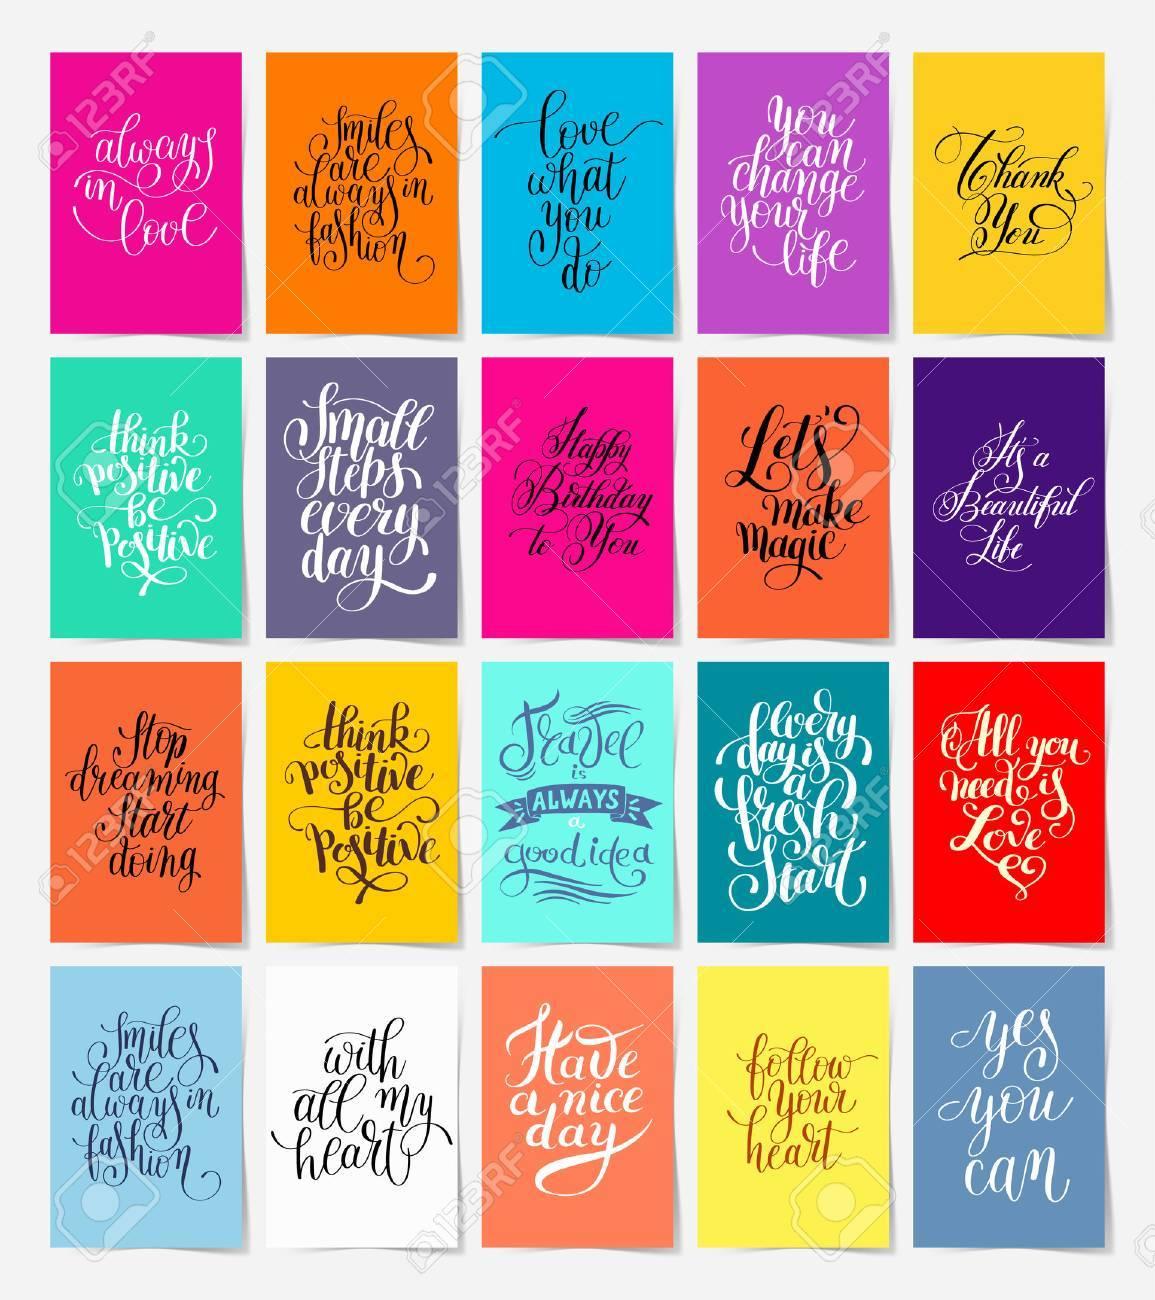 Conjunto De 20 Caligrafía Carteles Con Letras De La Mano Frase De Motivación Y Felicitación En Formato A4 Para Impresión O Web Tipografía Colección